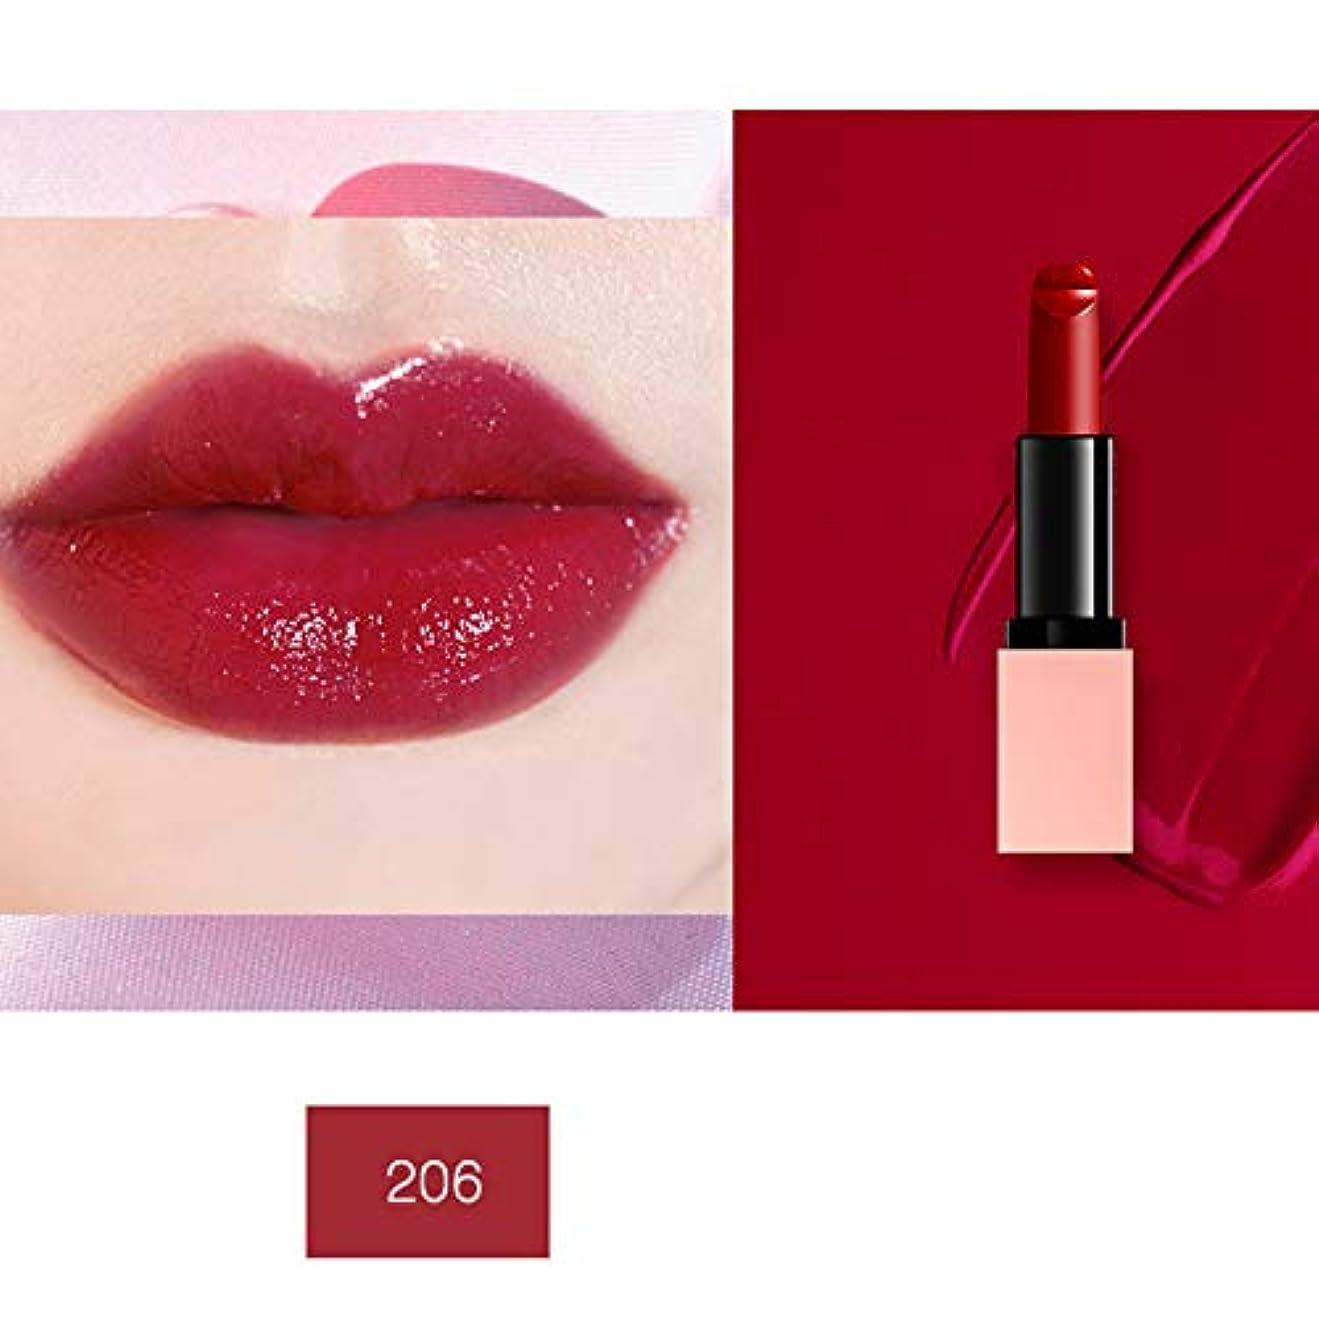 冒険家大洪水コミットMsJT 1本 リップクリーム 口紅 リップグロス グロス リップ クリアコーティング 桃の花の口紅 ピュアで、飽和し、明るく、自然な色と光沢があり、ポータブル、 絹のような柔らかいリップクリーム